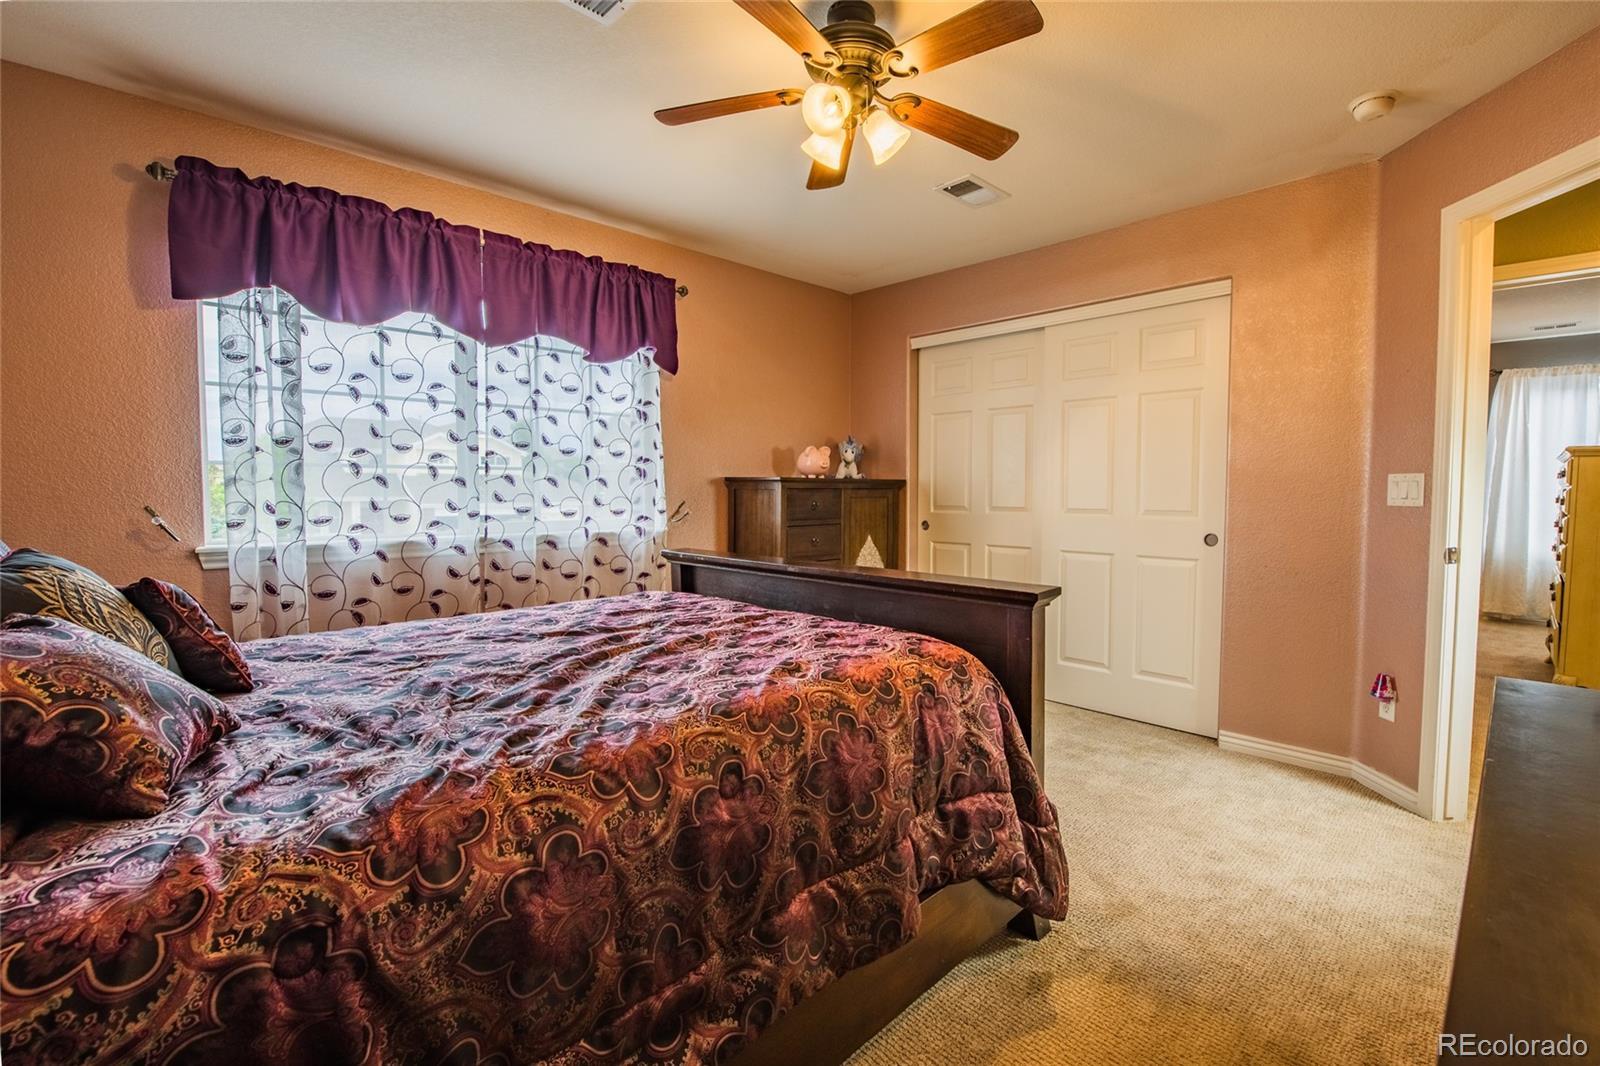 MLS# 1504228 - 27 - 1117 Titanite Place, Castle Rock, CO 80108